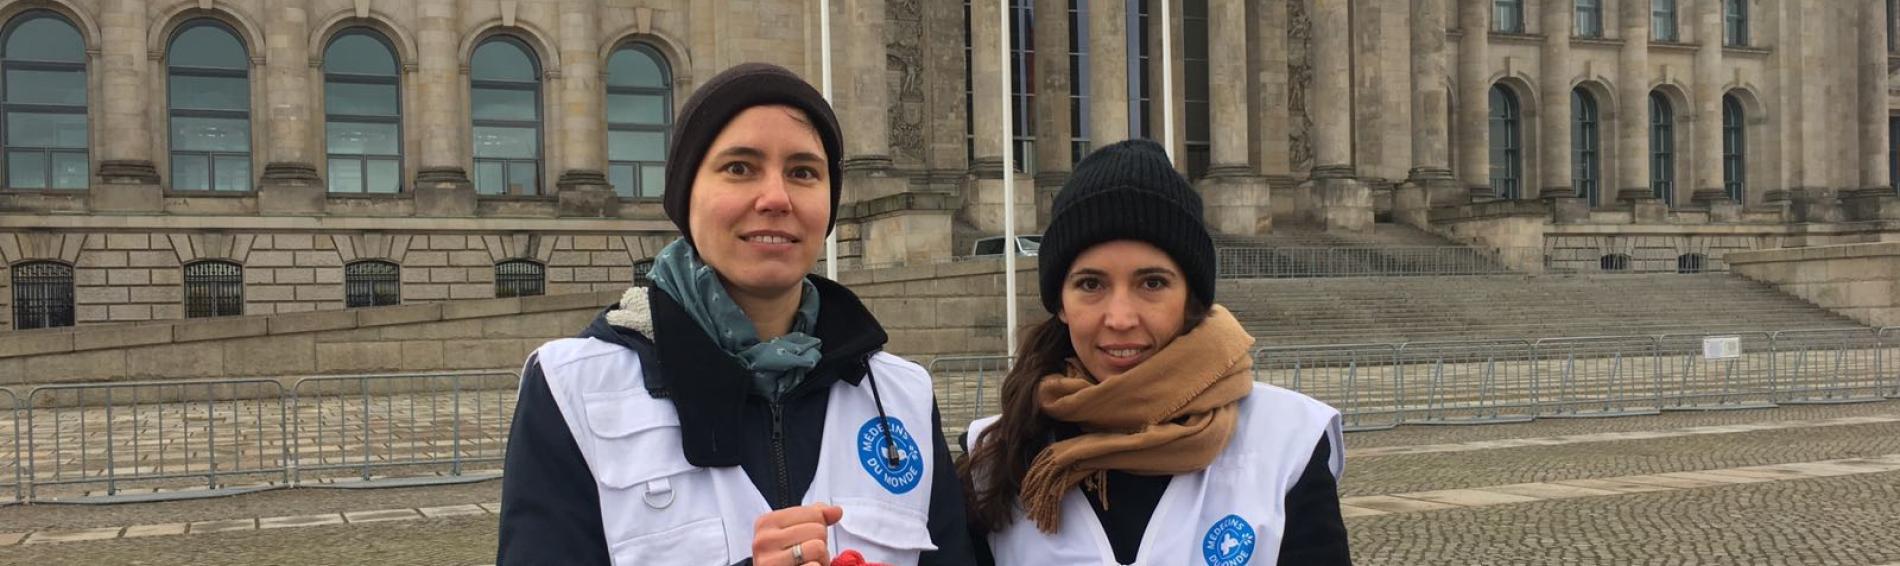 Ärzte der Welt setzt sich mit der Advocy-Arbeit für Patienten ein